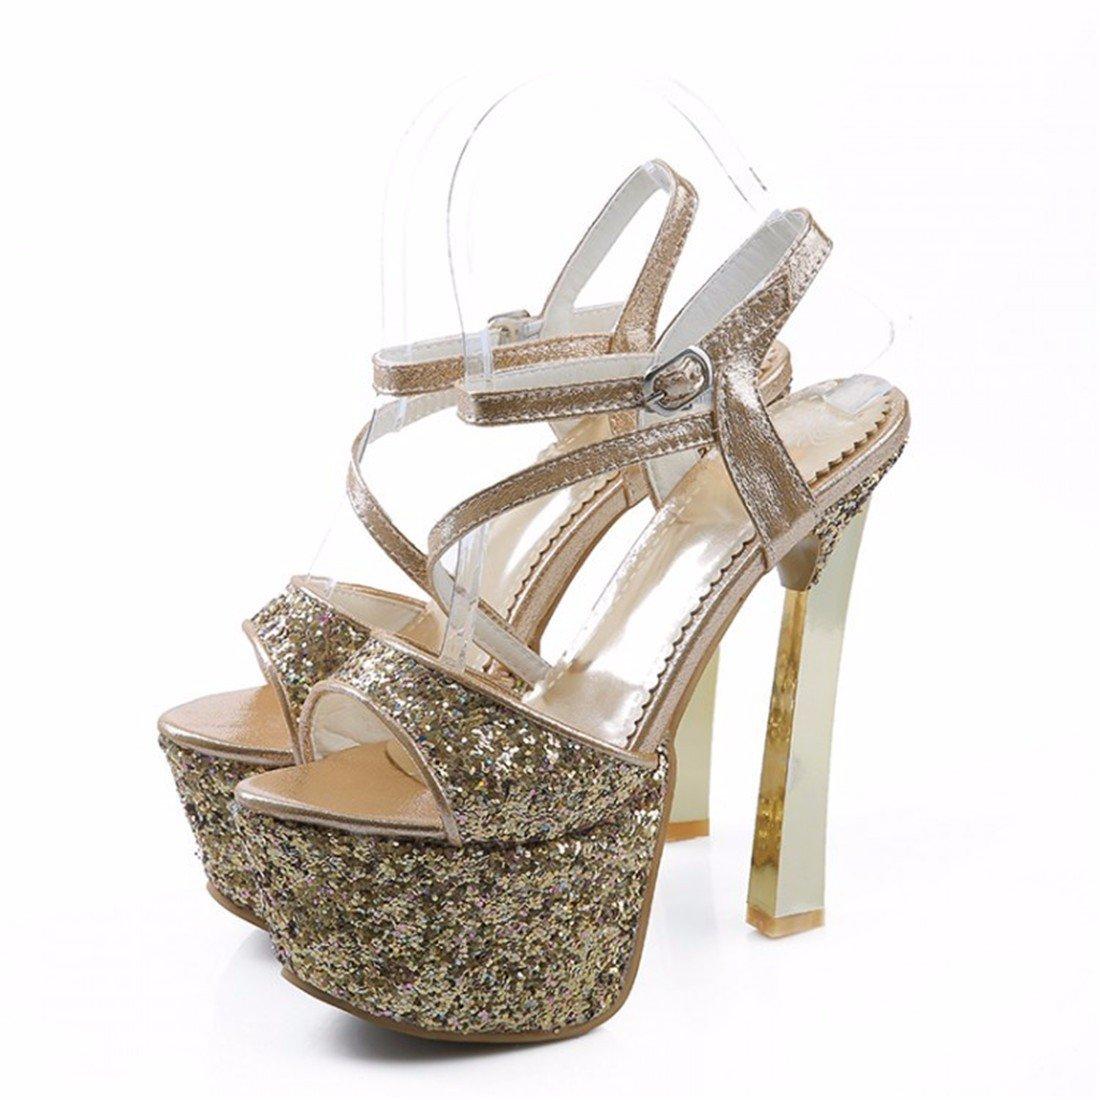 Damen Sandalen Ultra-High mit Sandalen Wasserdicht Plateau Sandalen Sandalen 亮 Modell